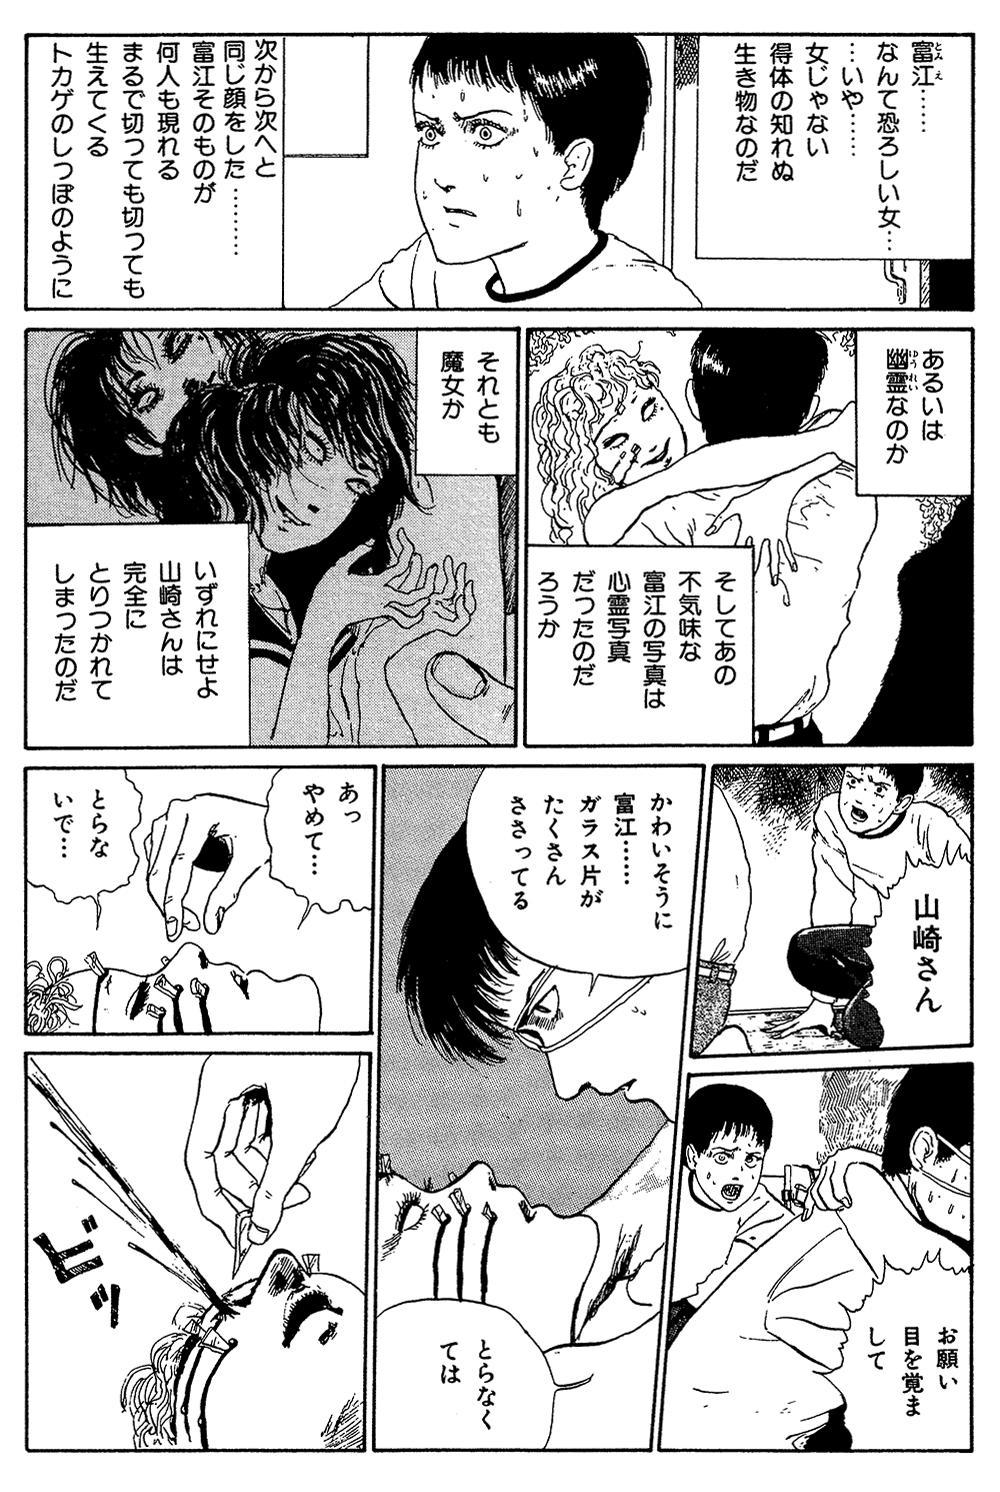 伊藤潤二傑作集 第5話「富江 接吻」4junji18-04.jpg